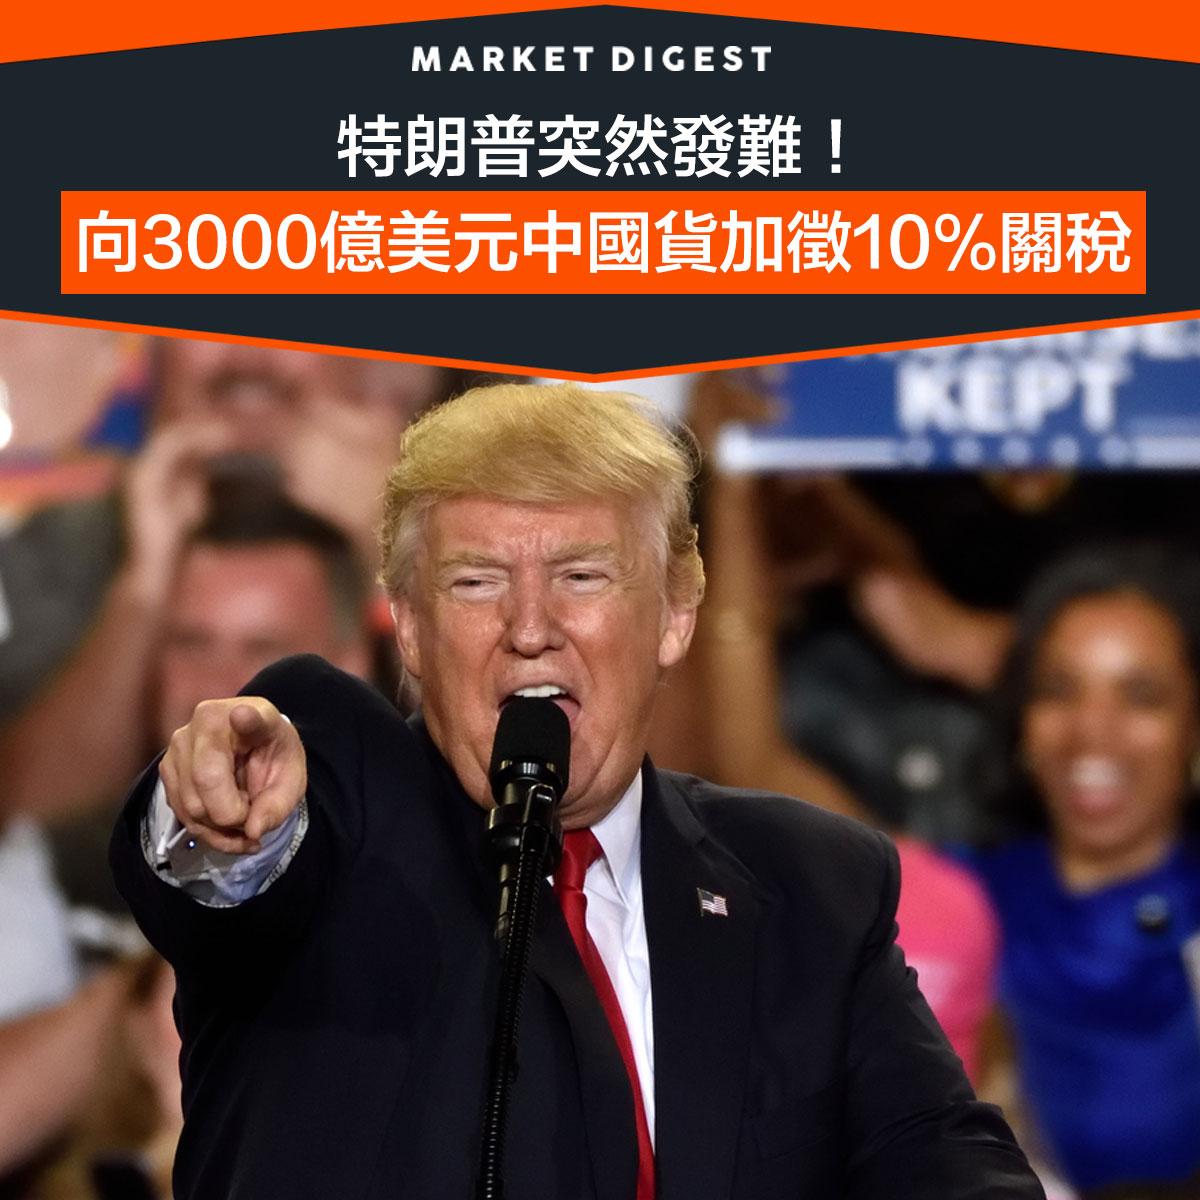 【中美貿戰】特朗普突然發難! 向3000億美元中國貨加徵10%關稅